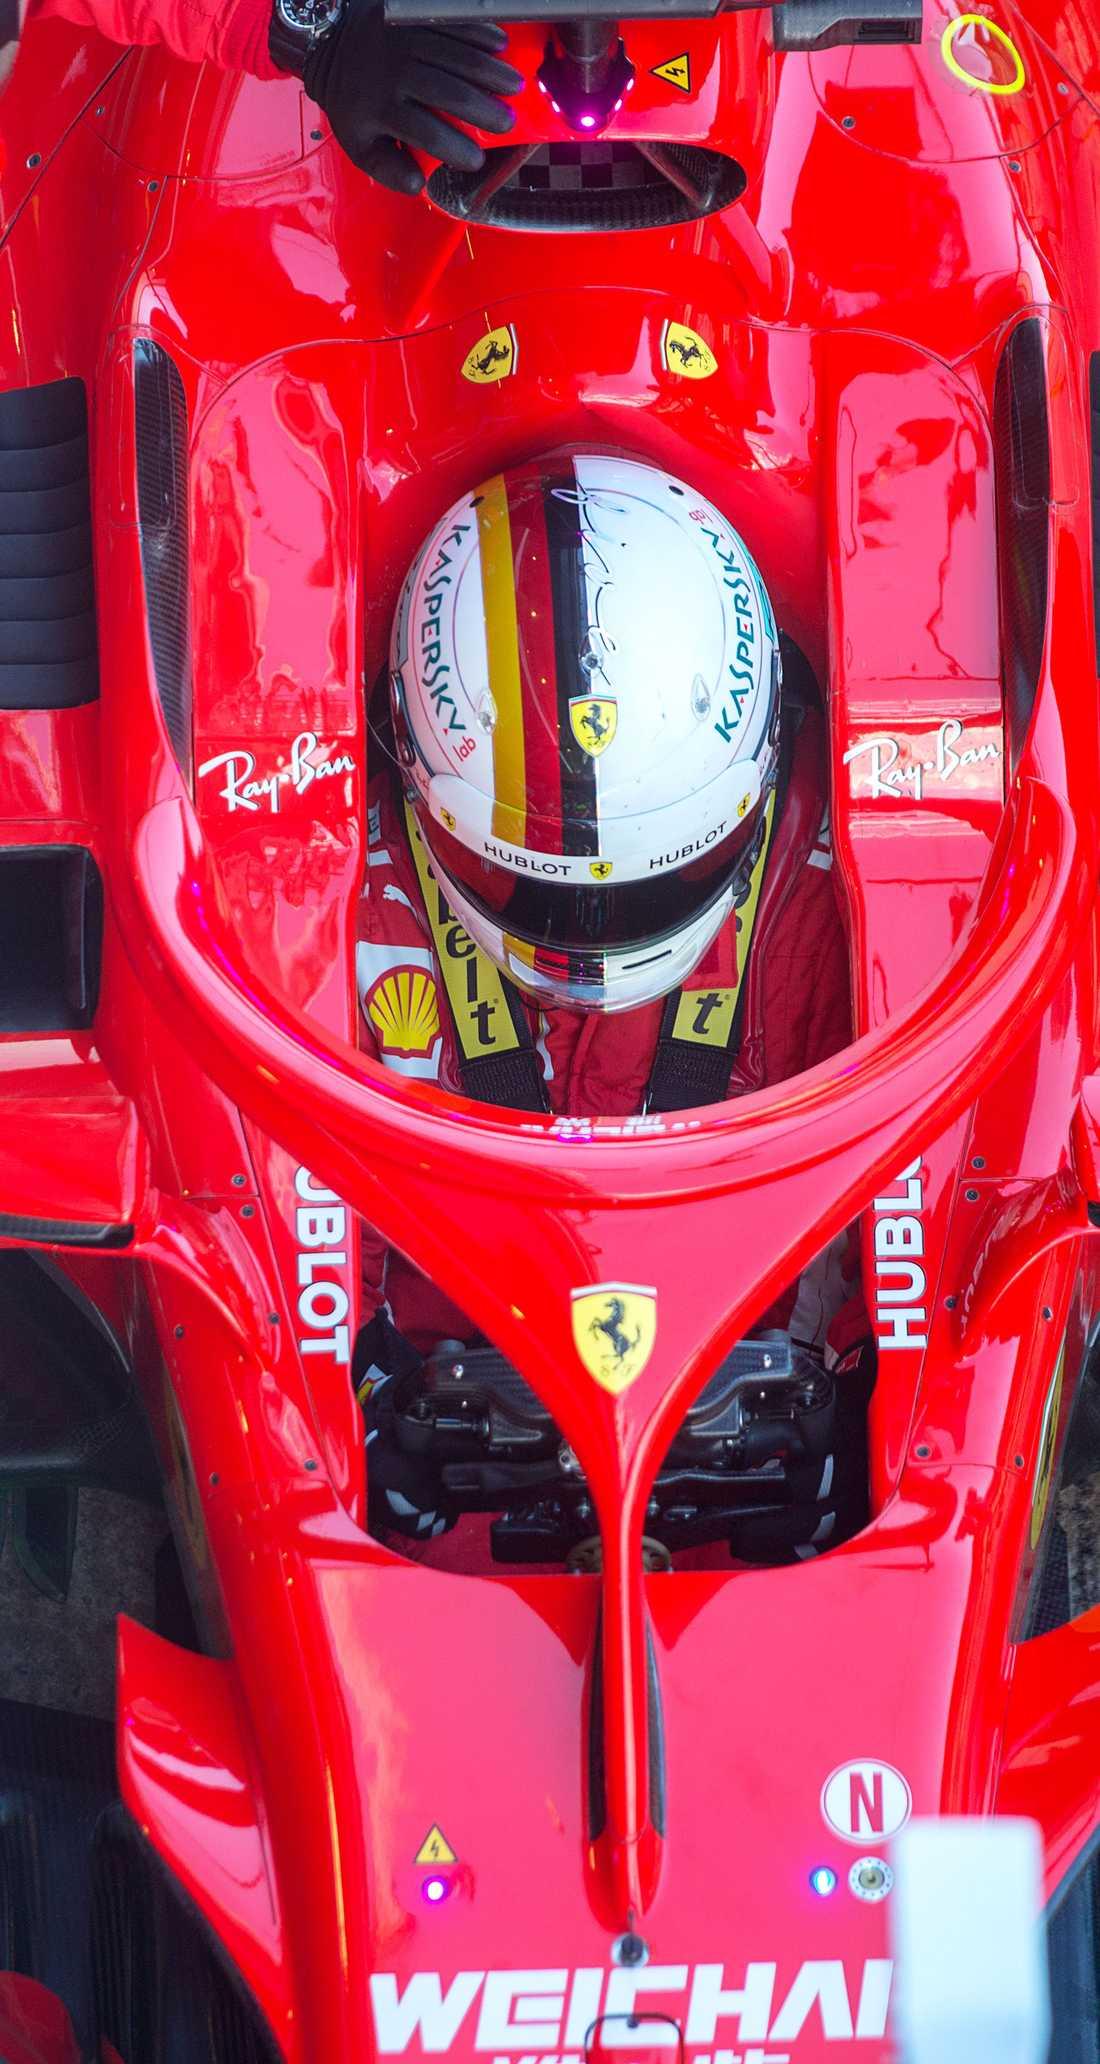 Sebastian Vettel körde 171 varv med sin Ferrari. En dag när ingen jagade tider gjorde han det snabbaste varvet av alla med däcket medium.